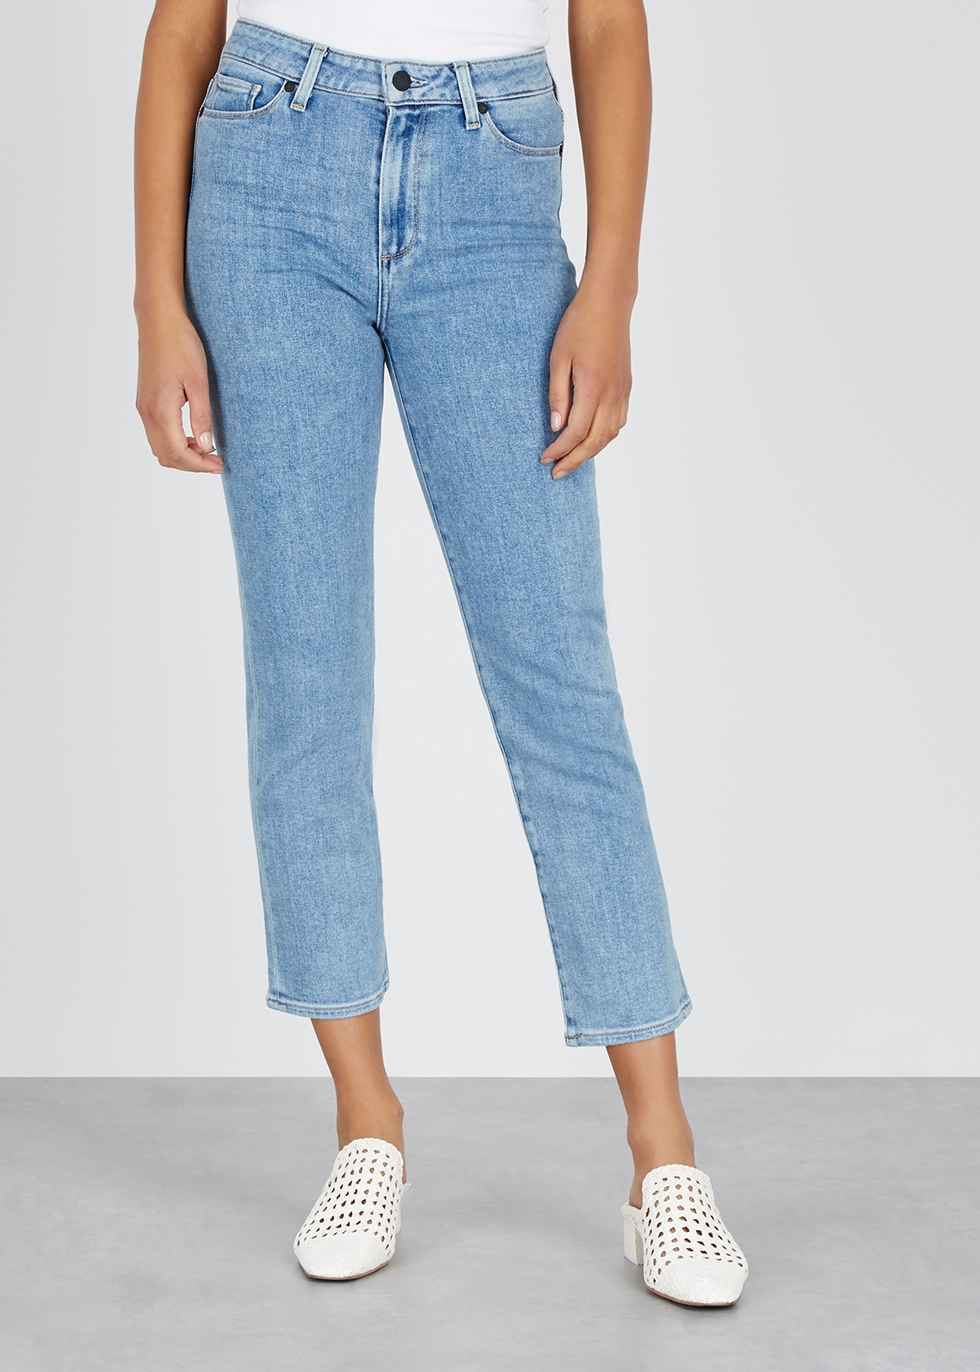 Hoxton light blue straight-leg jeans - Paige